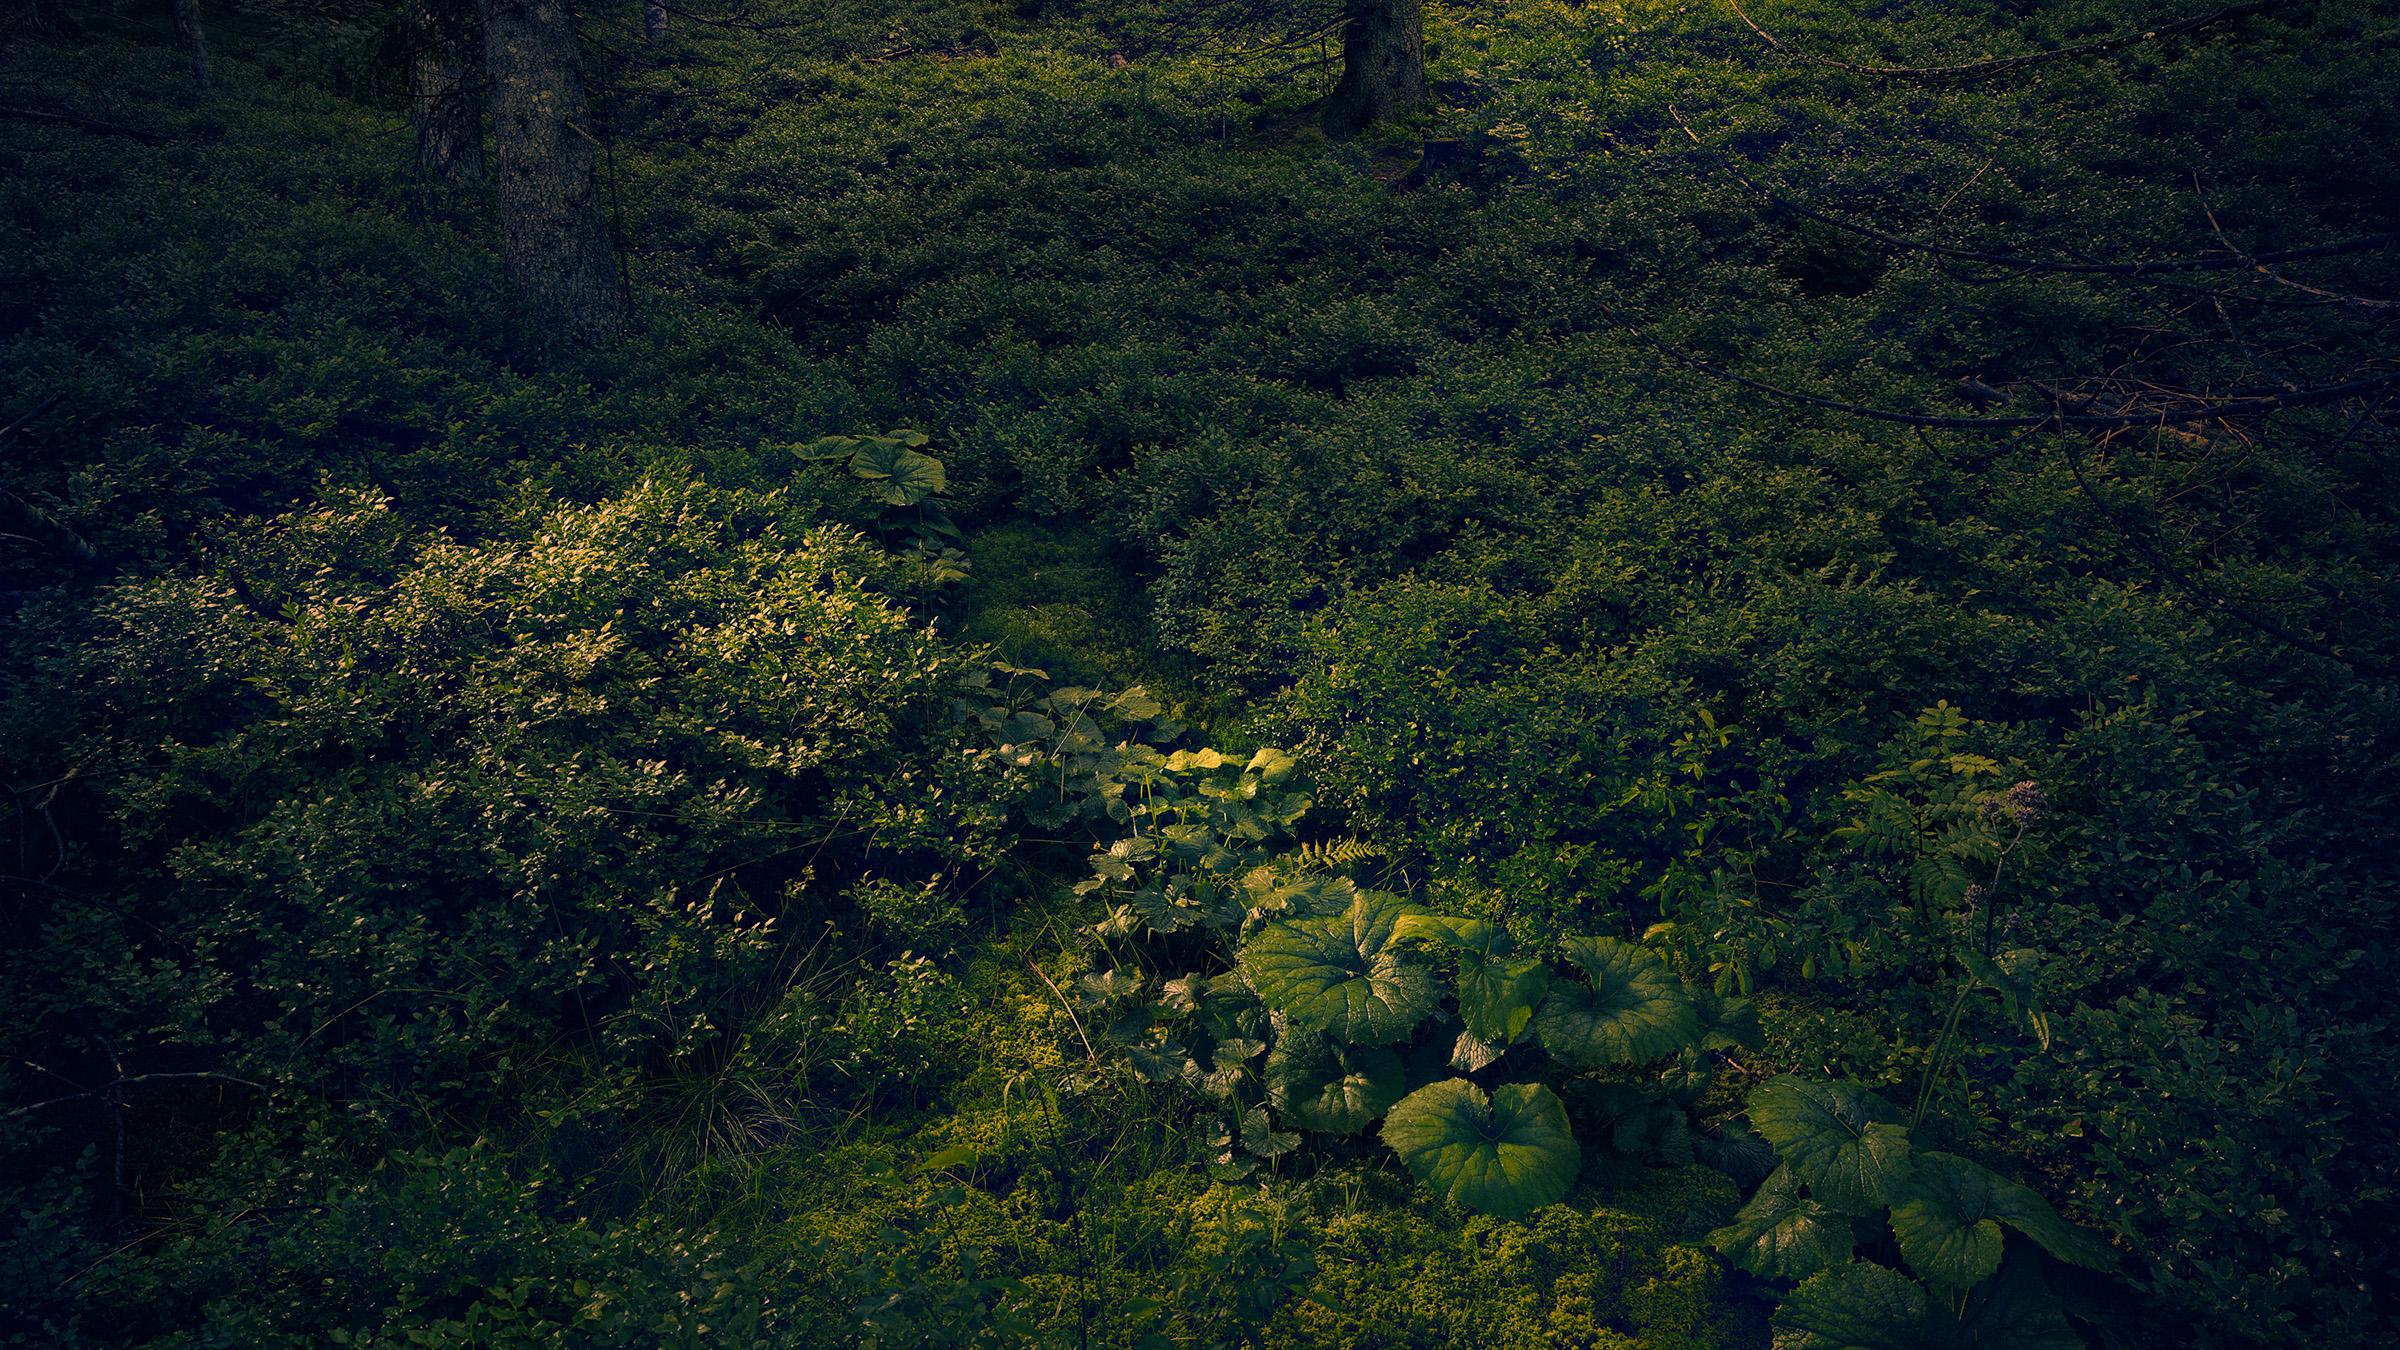 BLACK_FOREST_ERIK_CHMIL_01